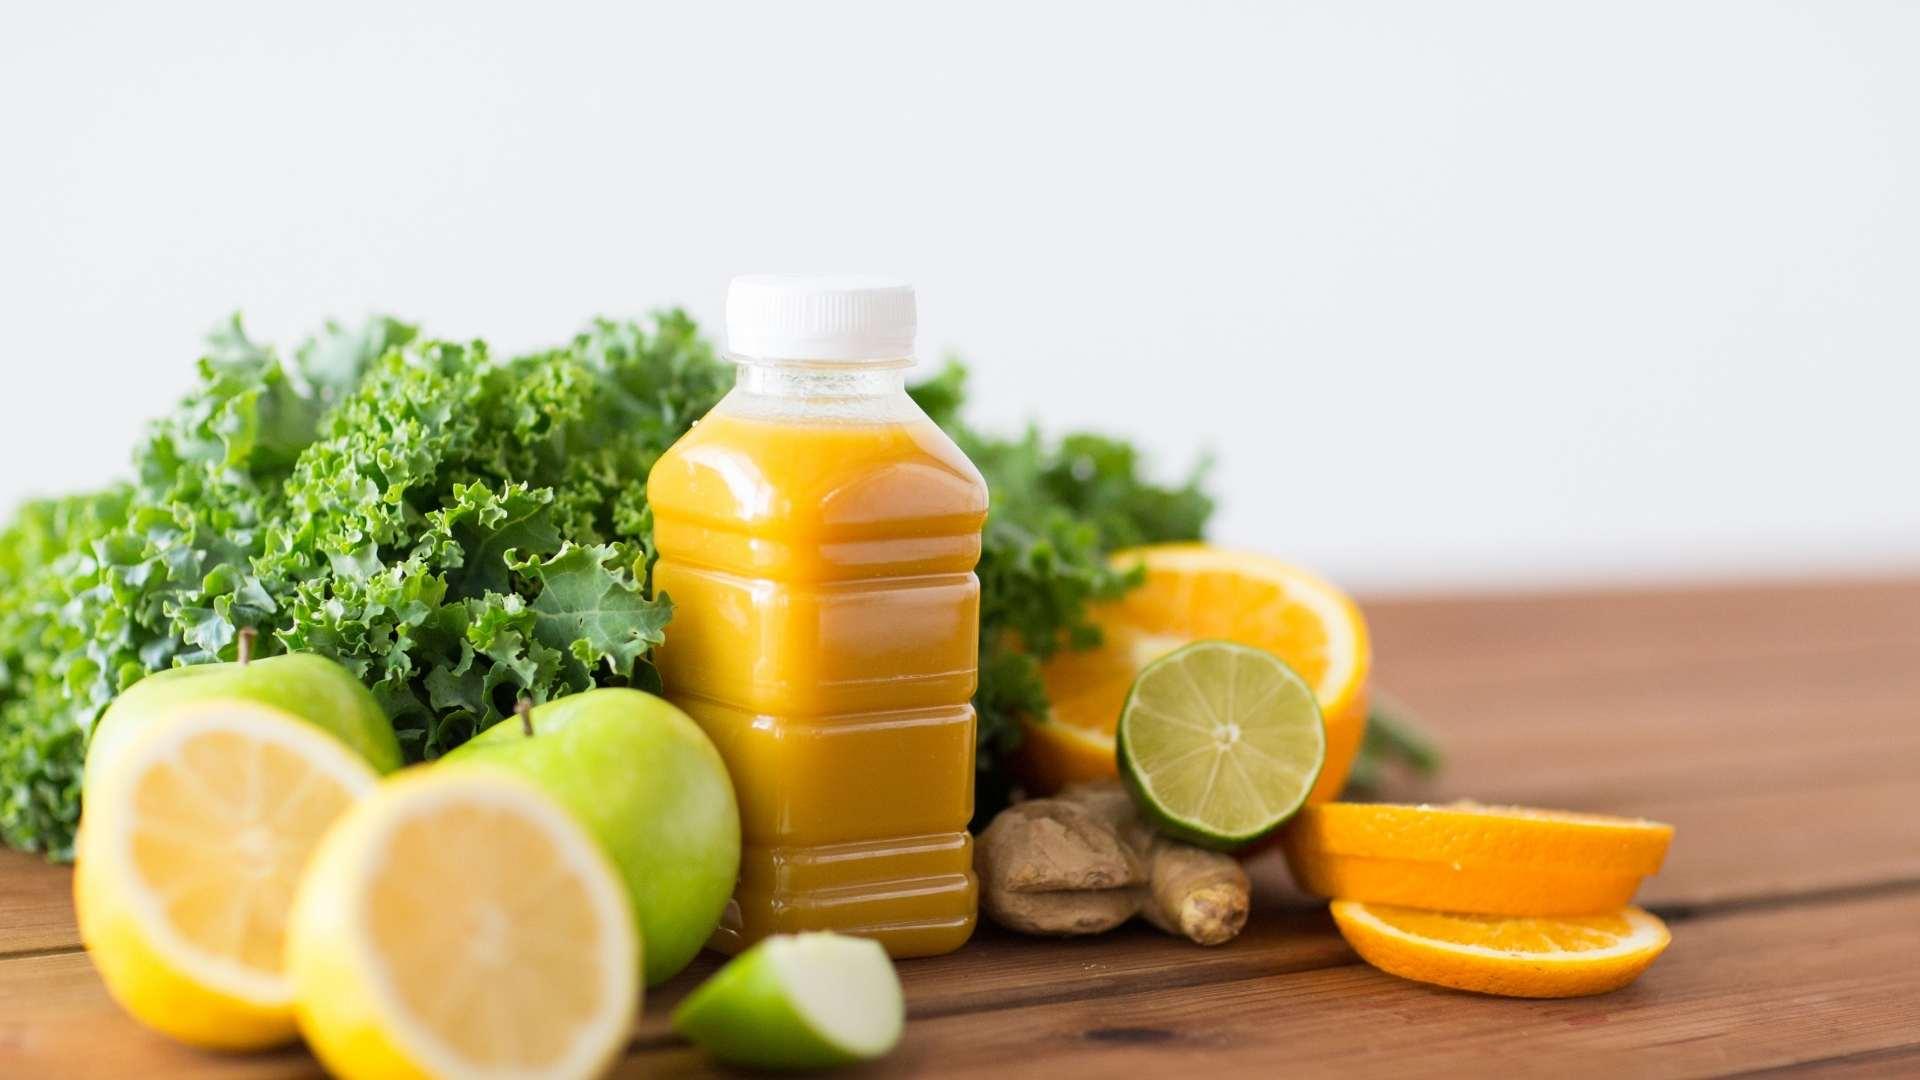 Receita de suco de limão com laranja e alface